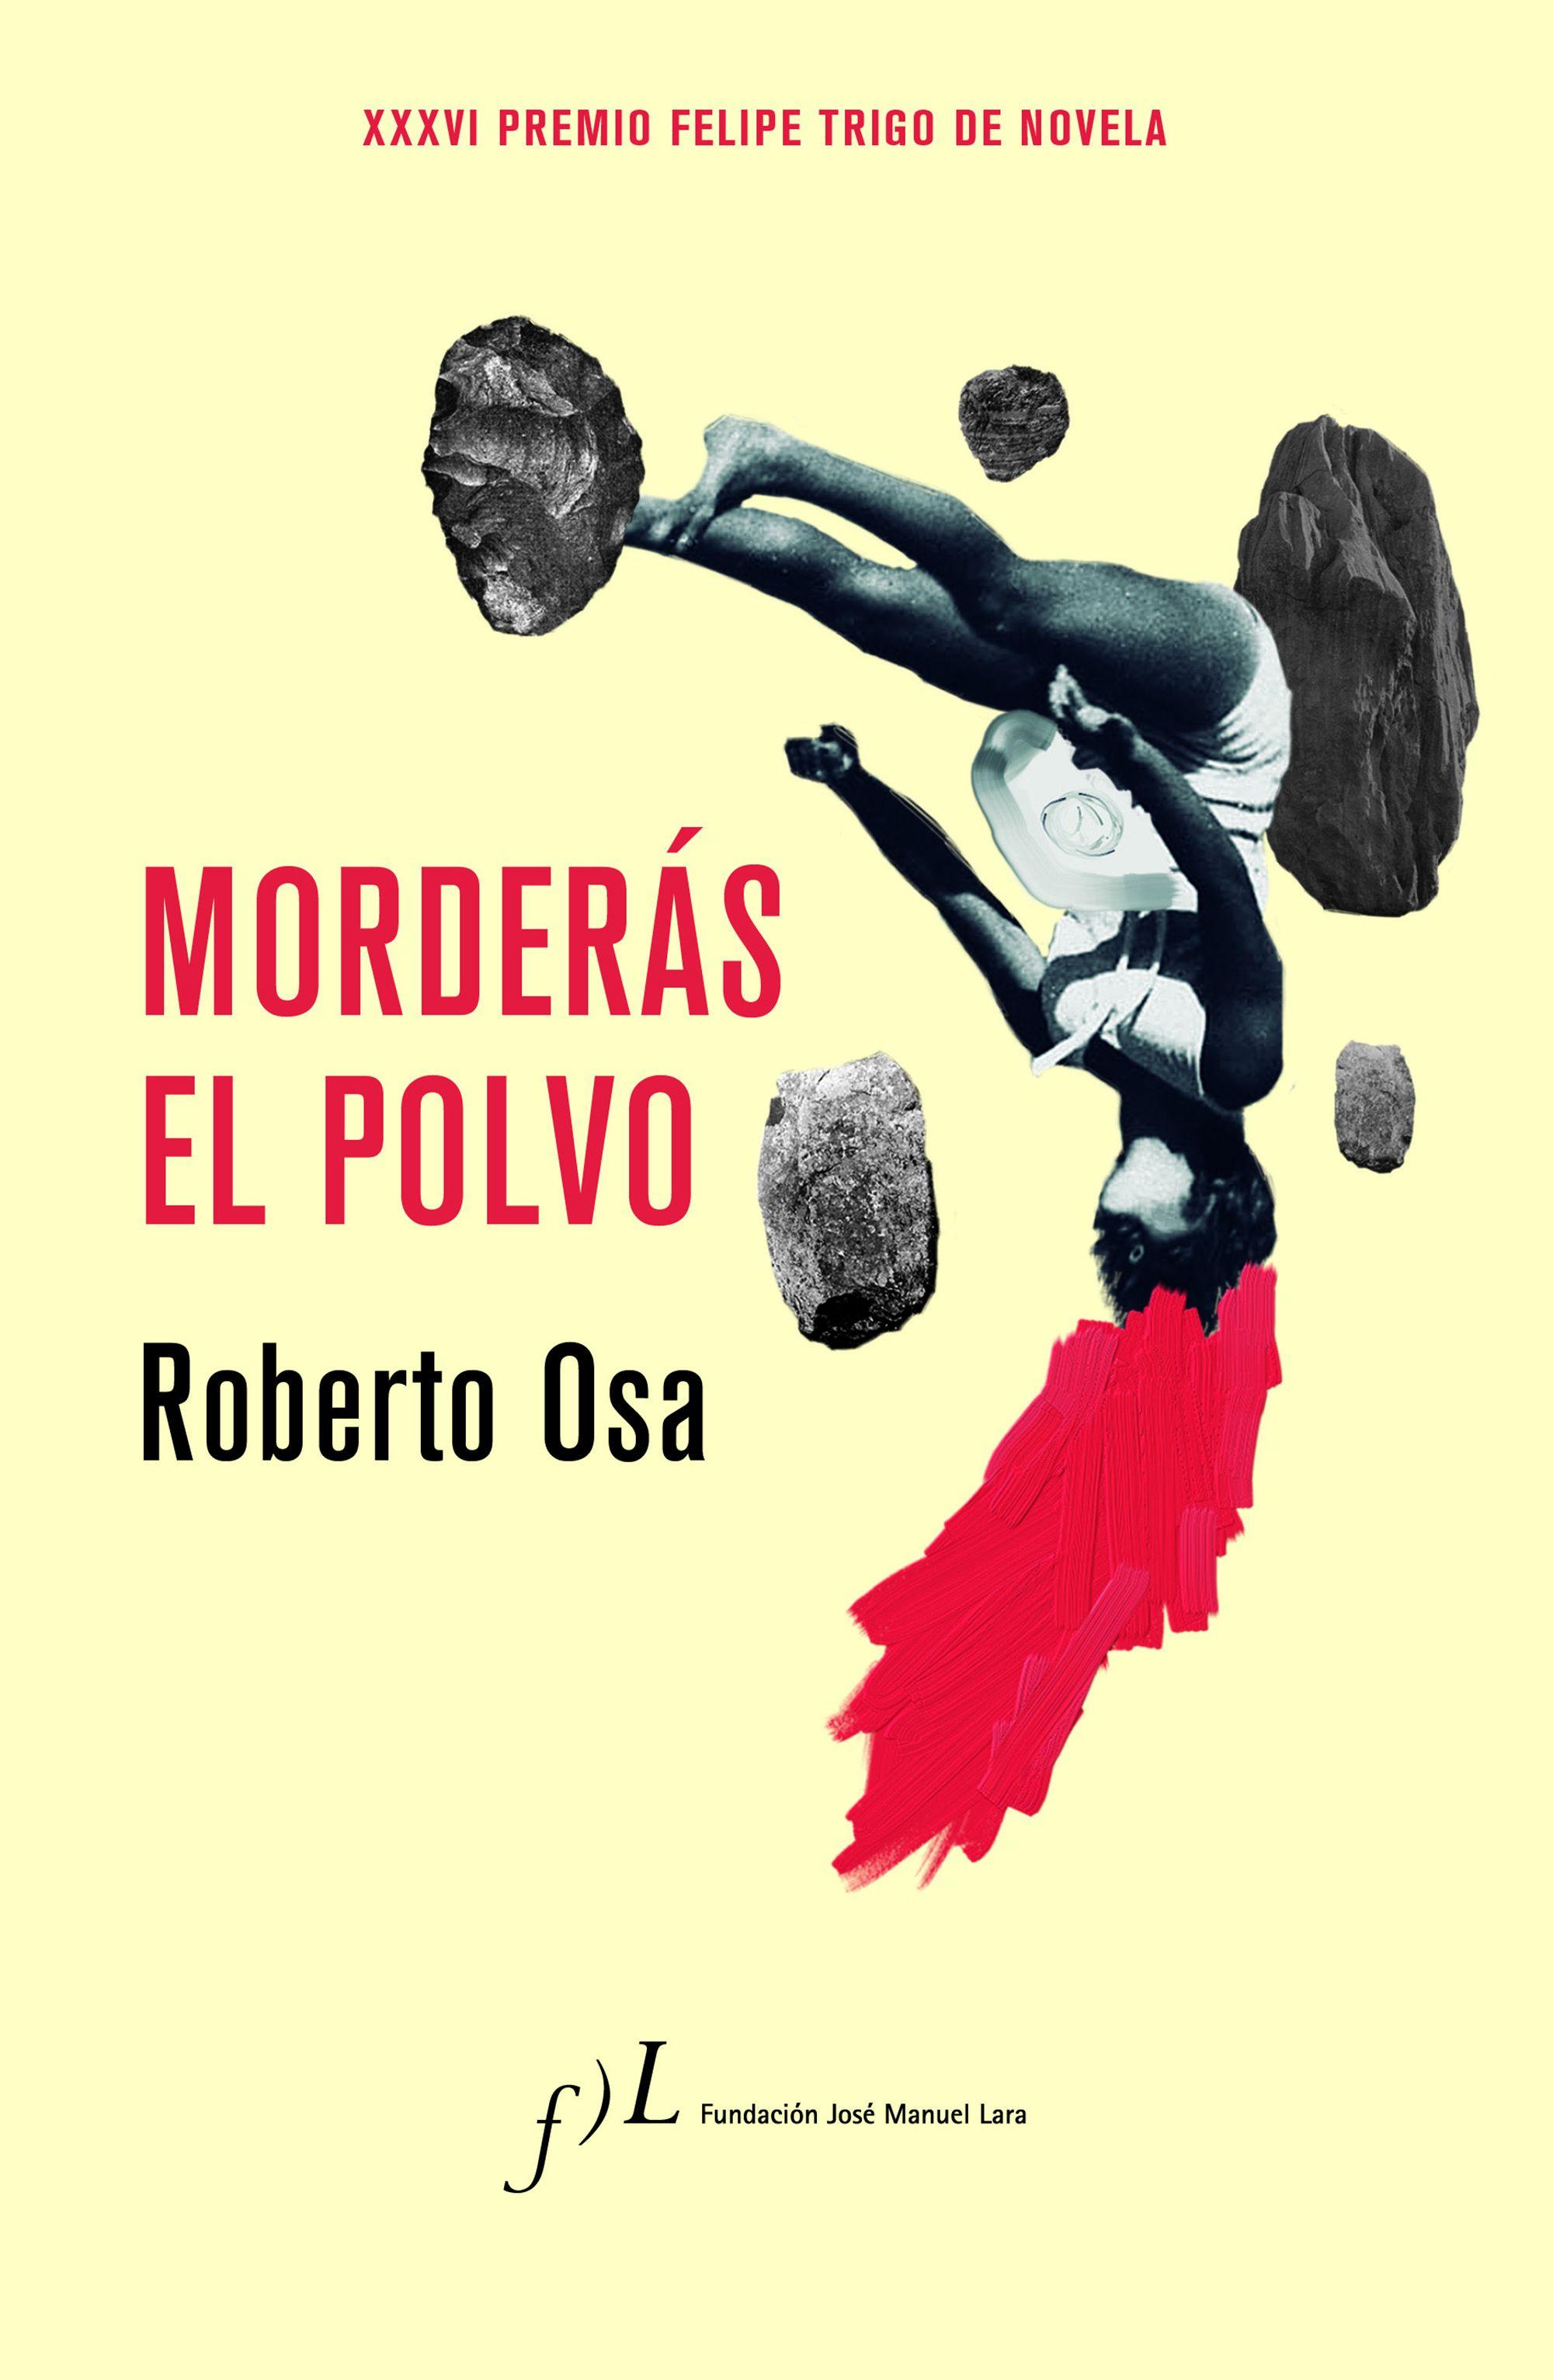 portada morderas-el-polvo roberto-osa 201707131100 8c707